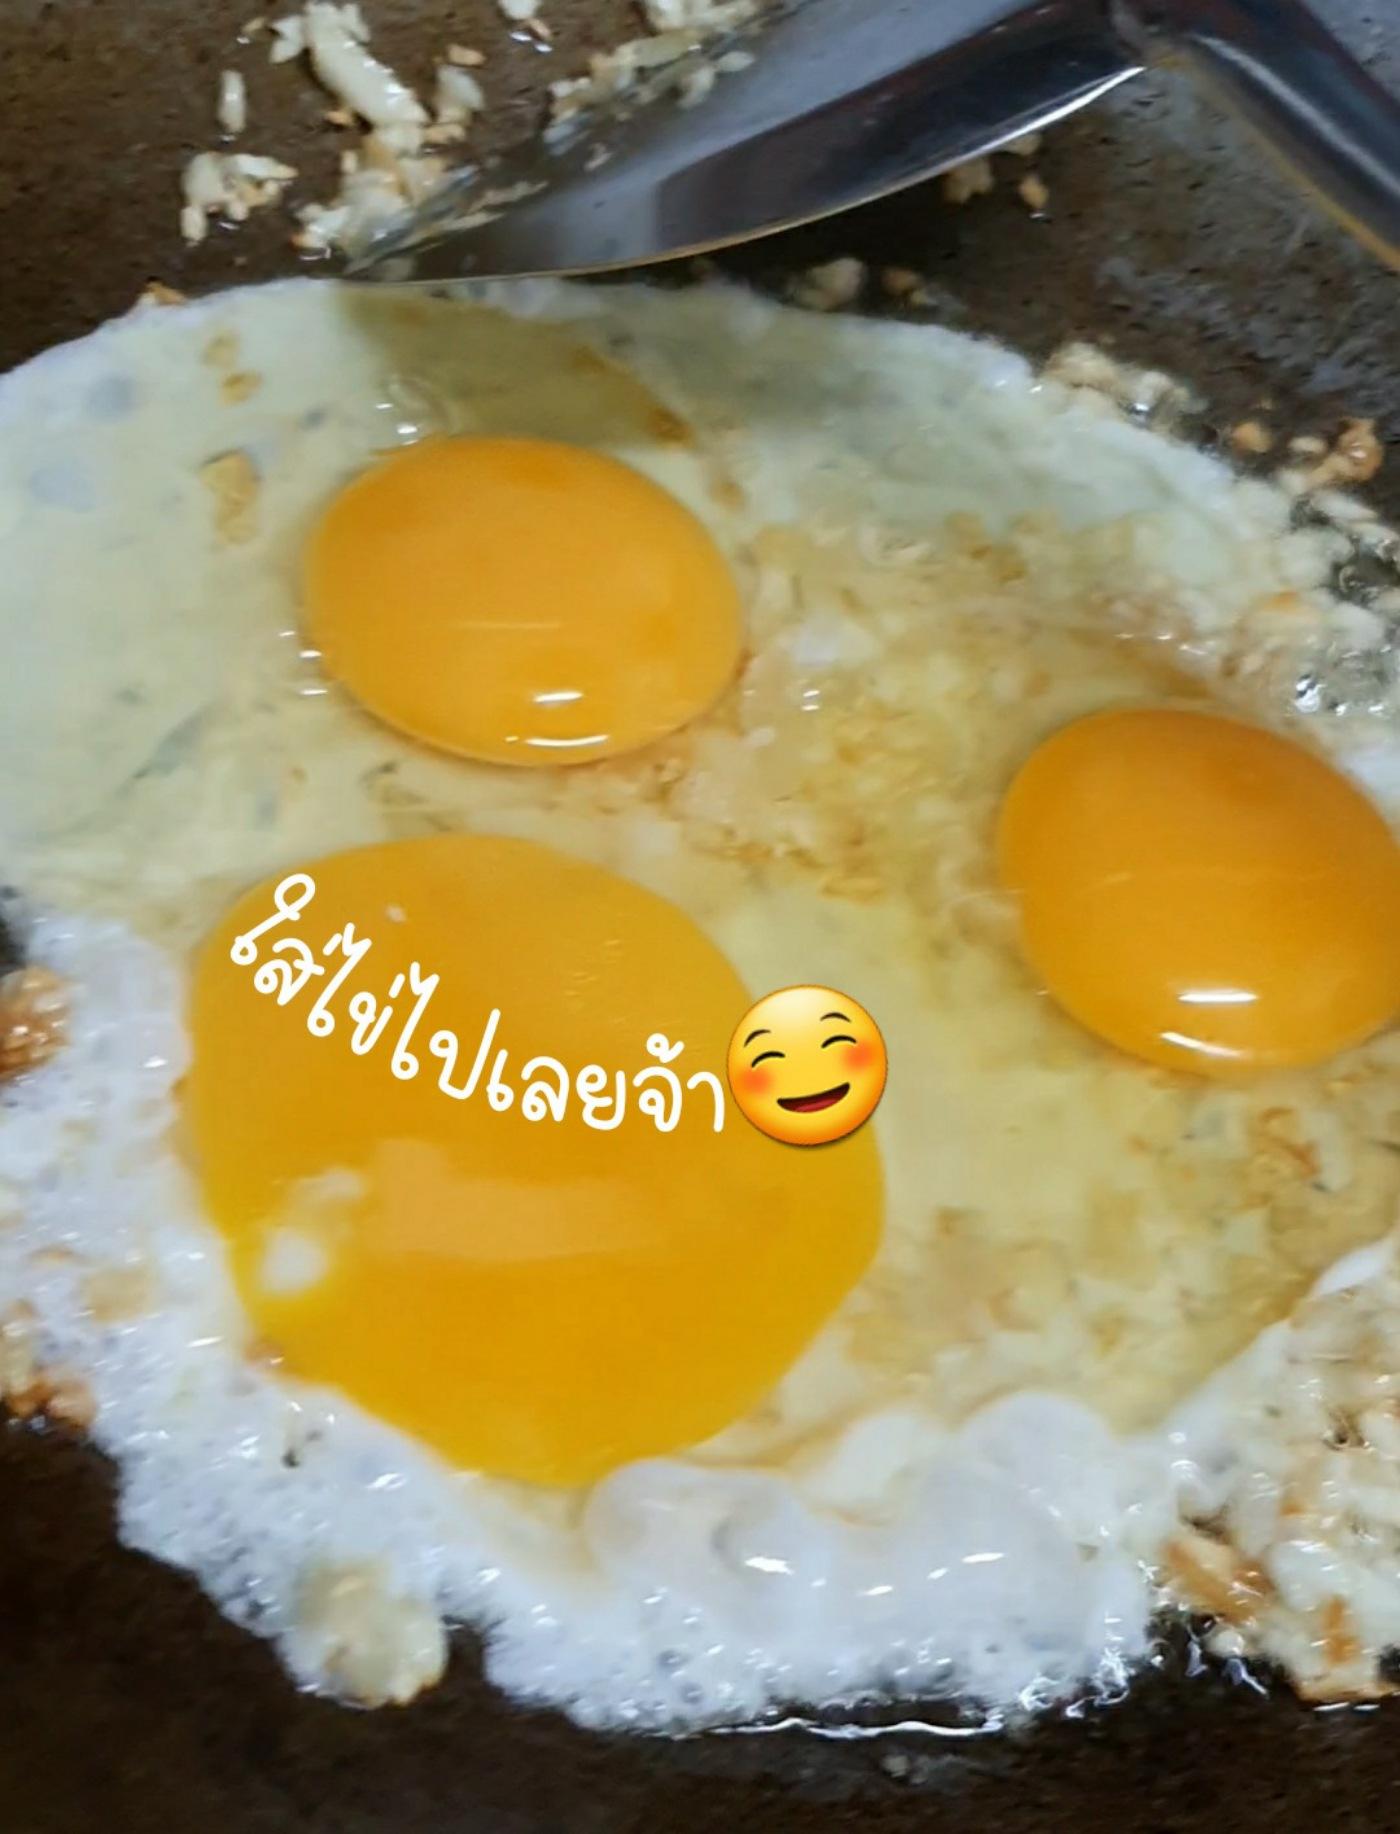 ใส่ไข่